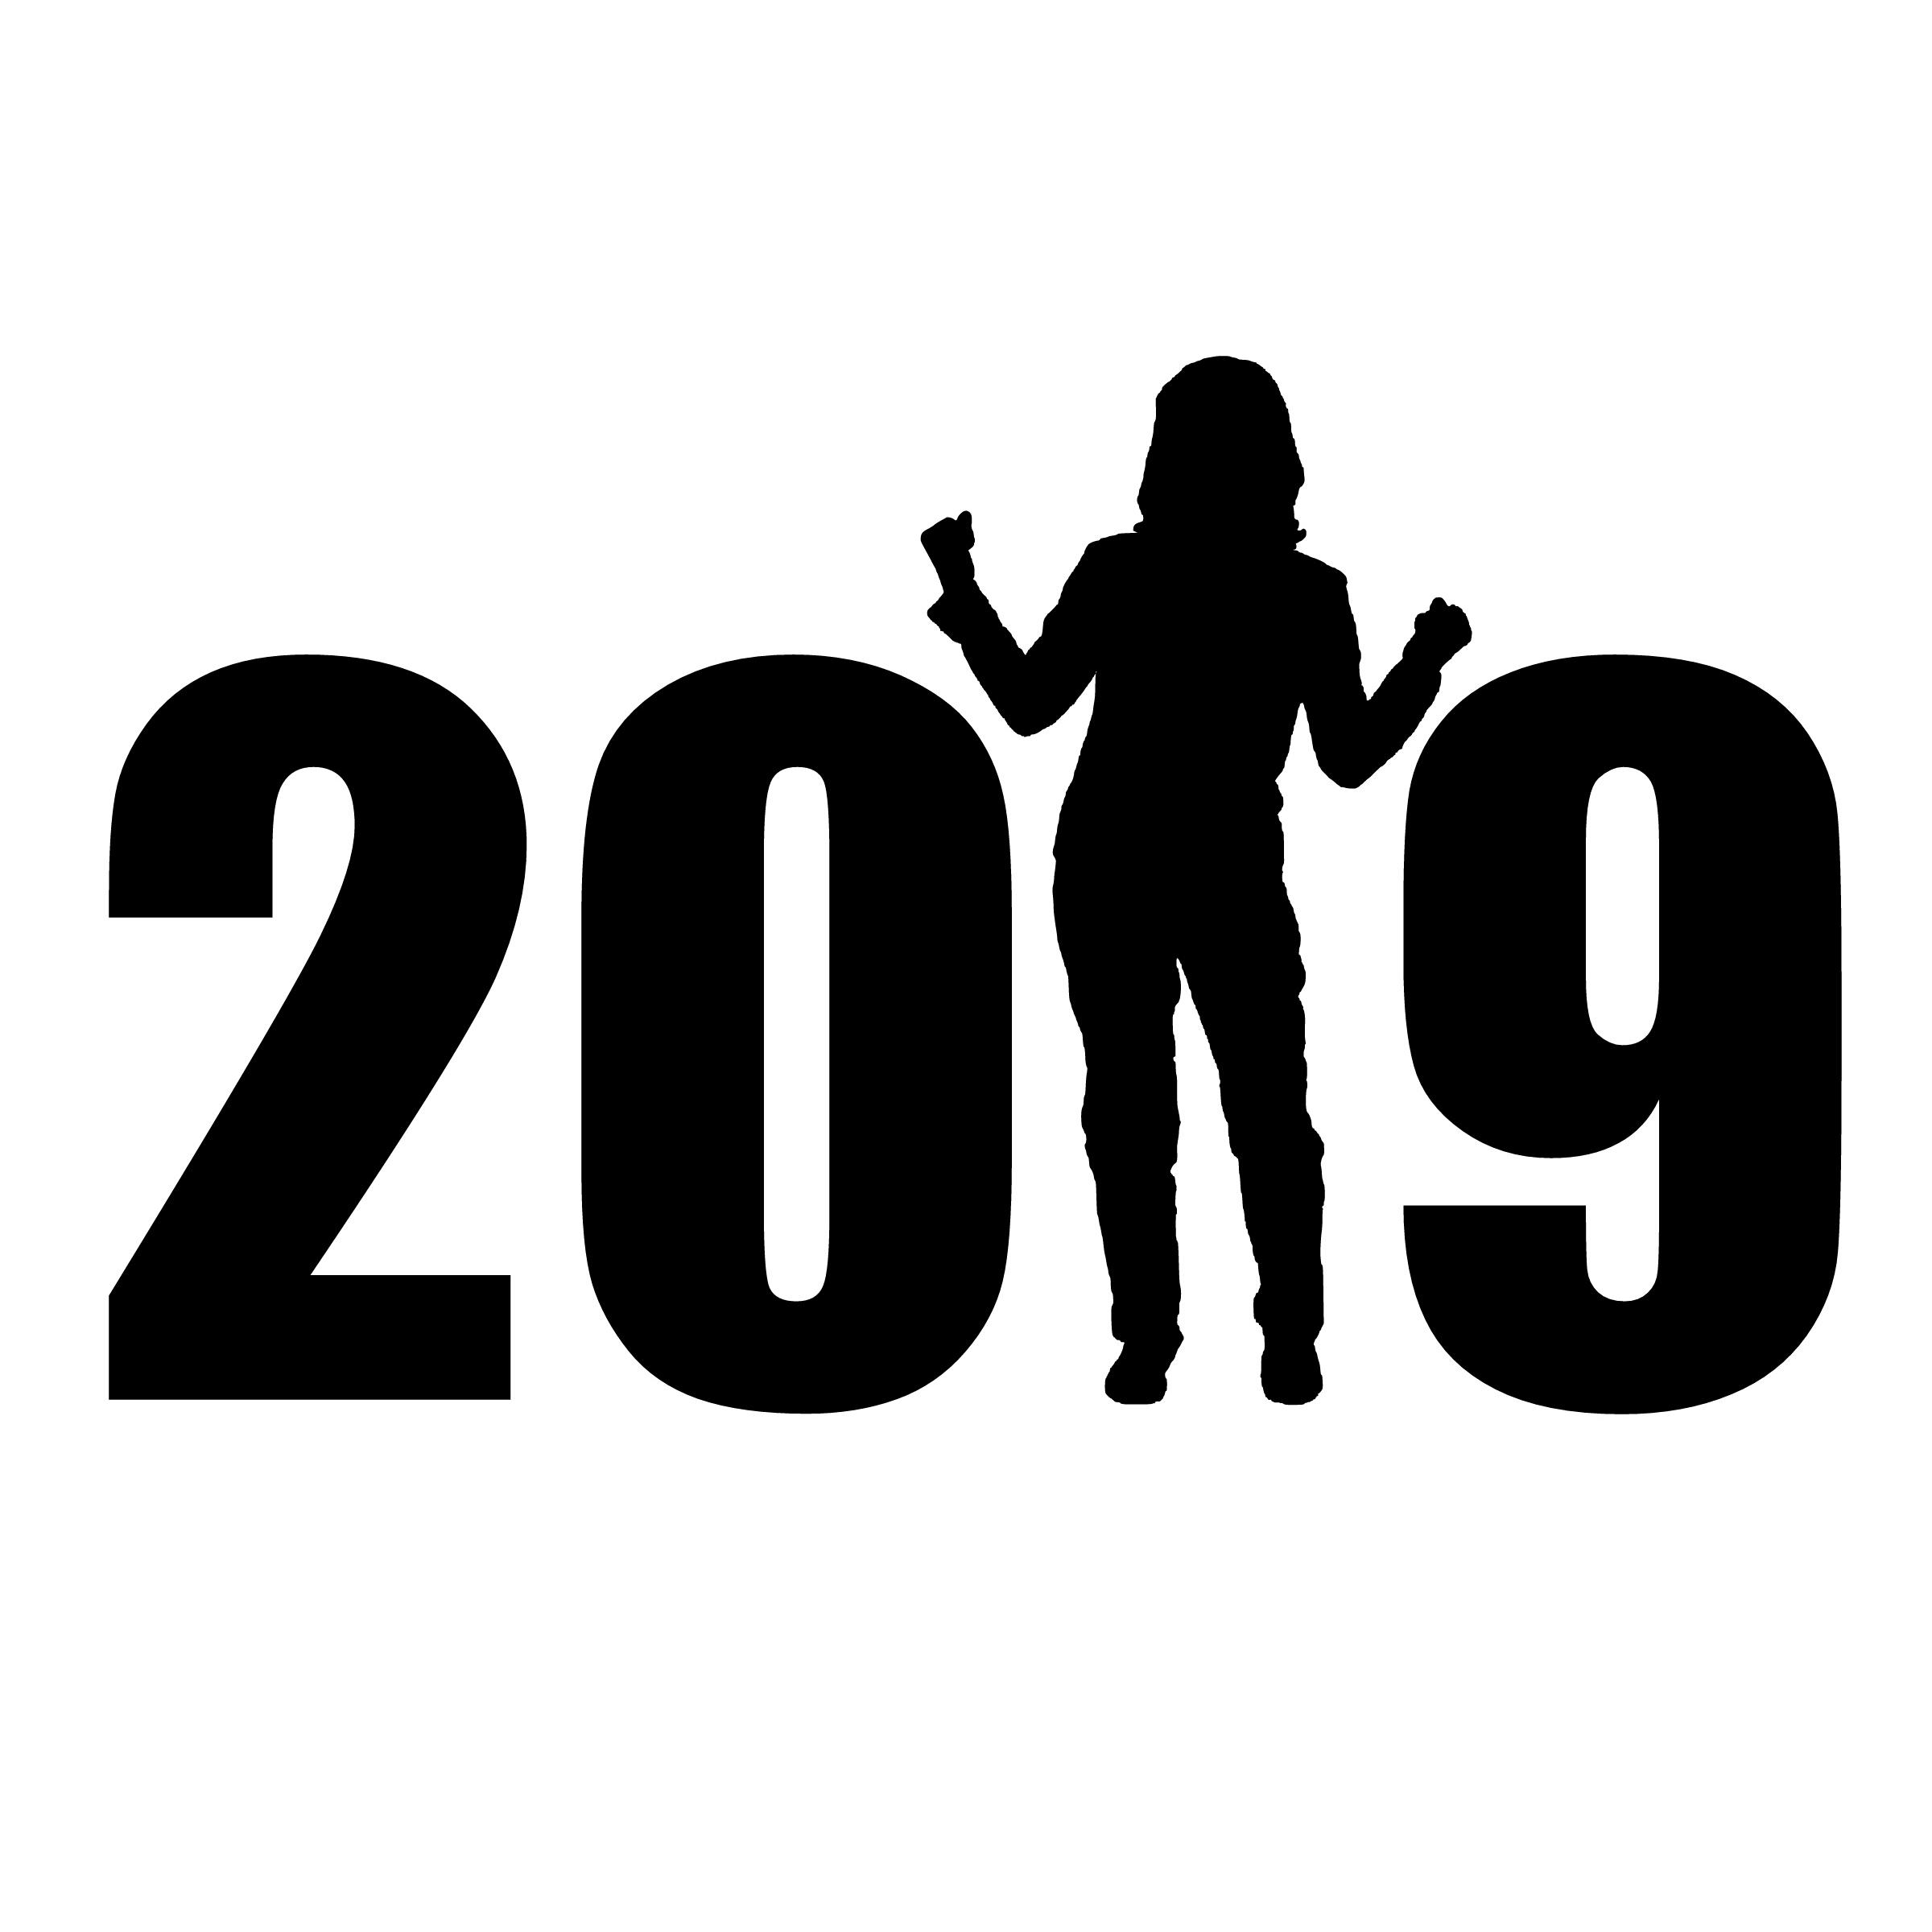 Hình Ảnh : Năm Mới, 2019, Đàn Bà, Lối Sống, Thoát Ra, Sự Quyết Tâm, Năm Mới  Của Đêm Trước, Sự Thành Công, Nguyện Vọng, Hạnh Phúc, Cải Tiến, Những  Người, ...